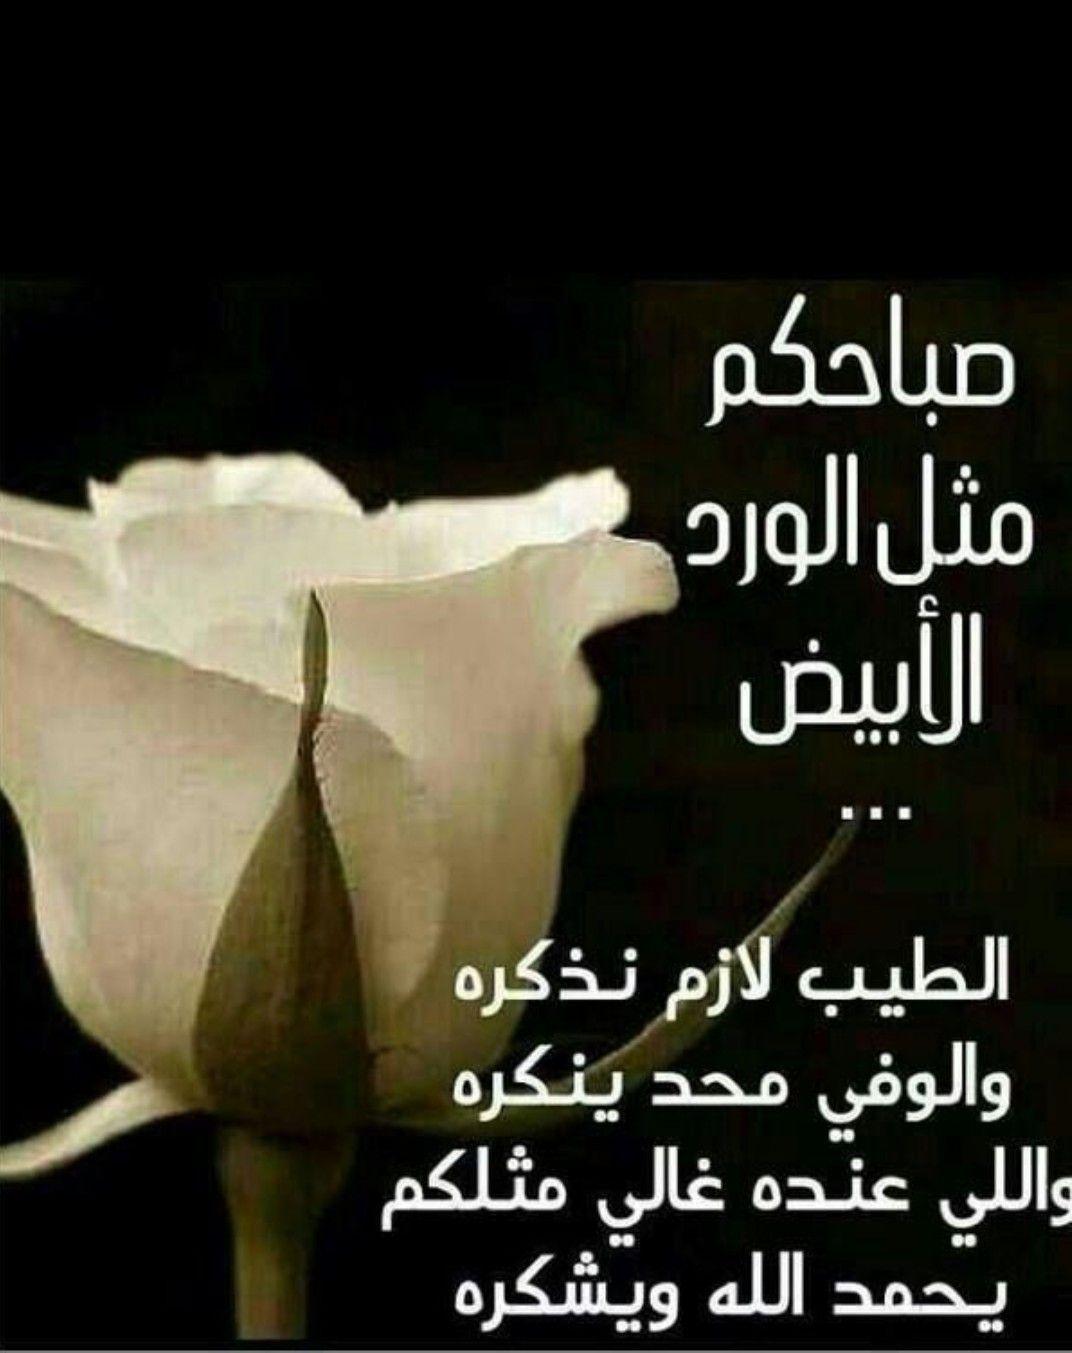 Pin On اللهم إنا نعوذ بك من الهم والكسل والحزن ومن العجز والألم صباحكم فرح